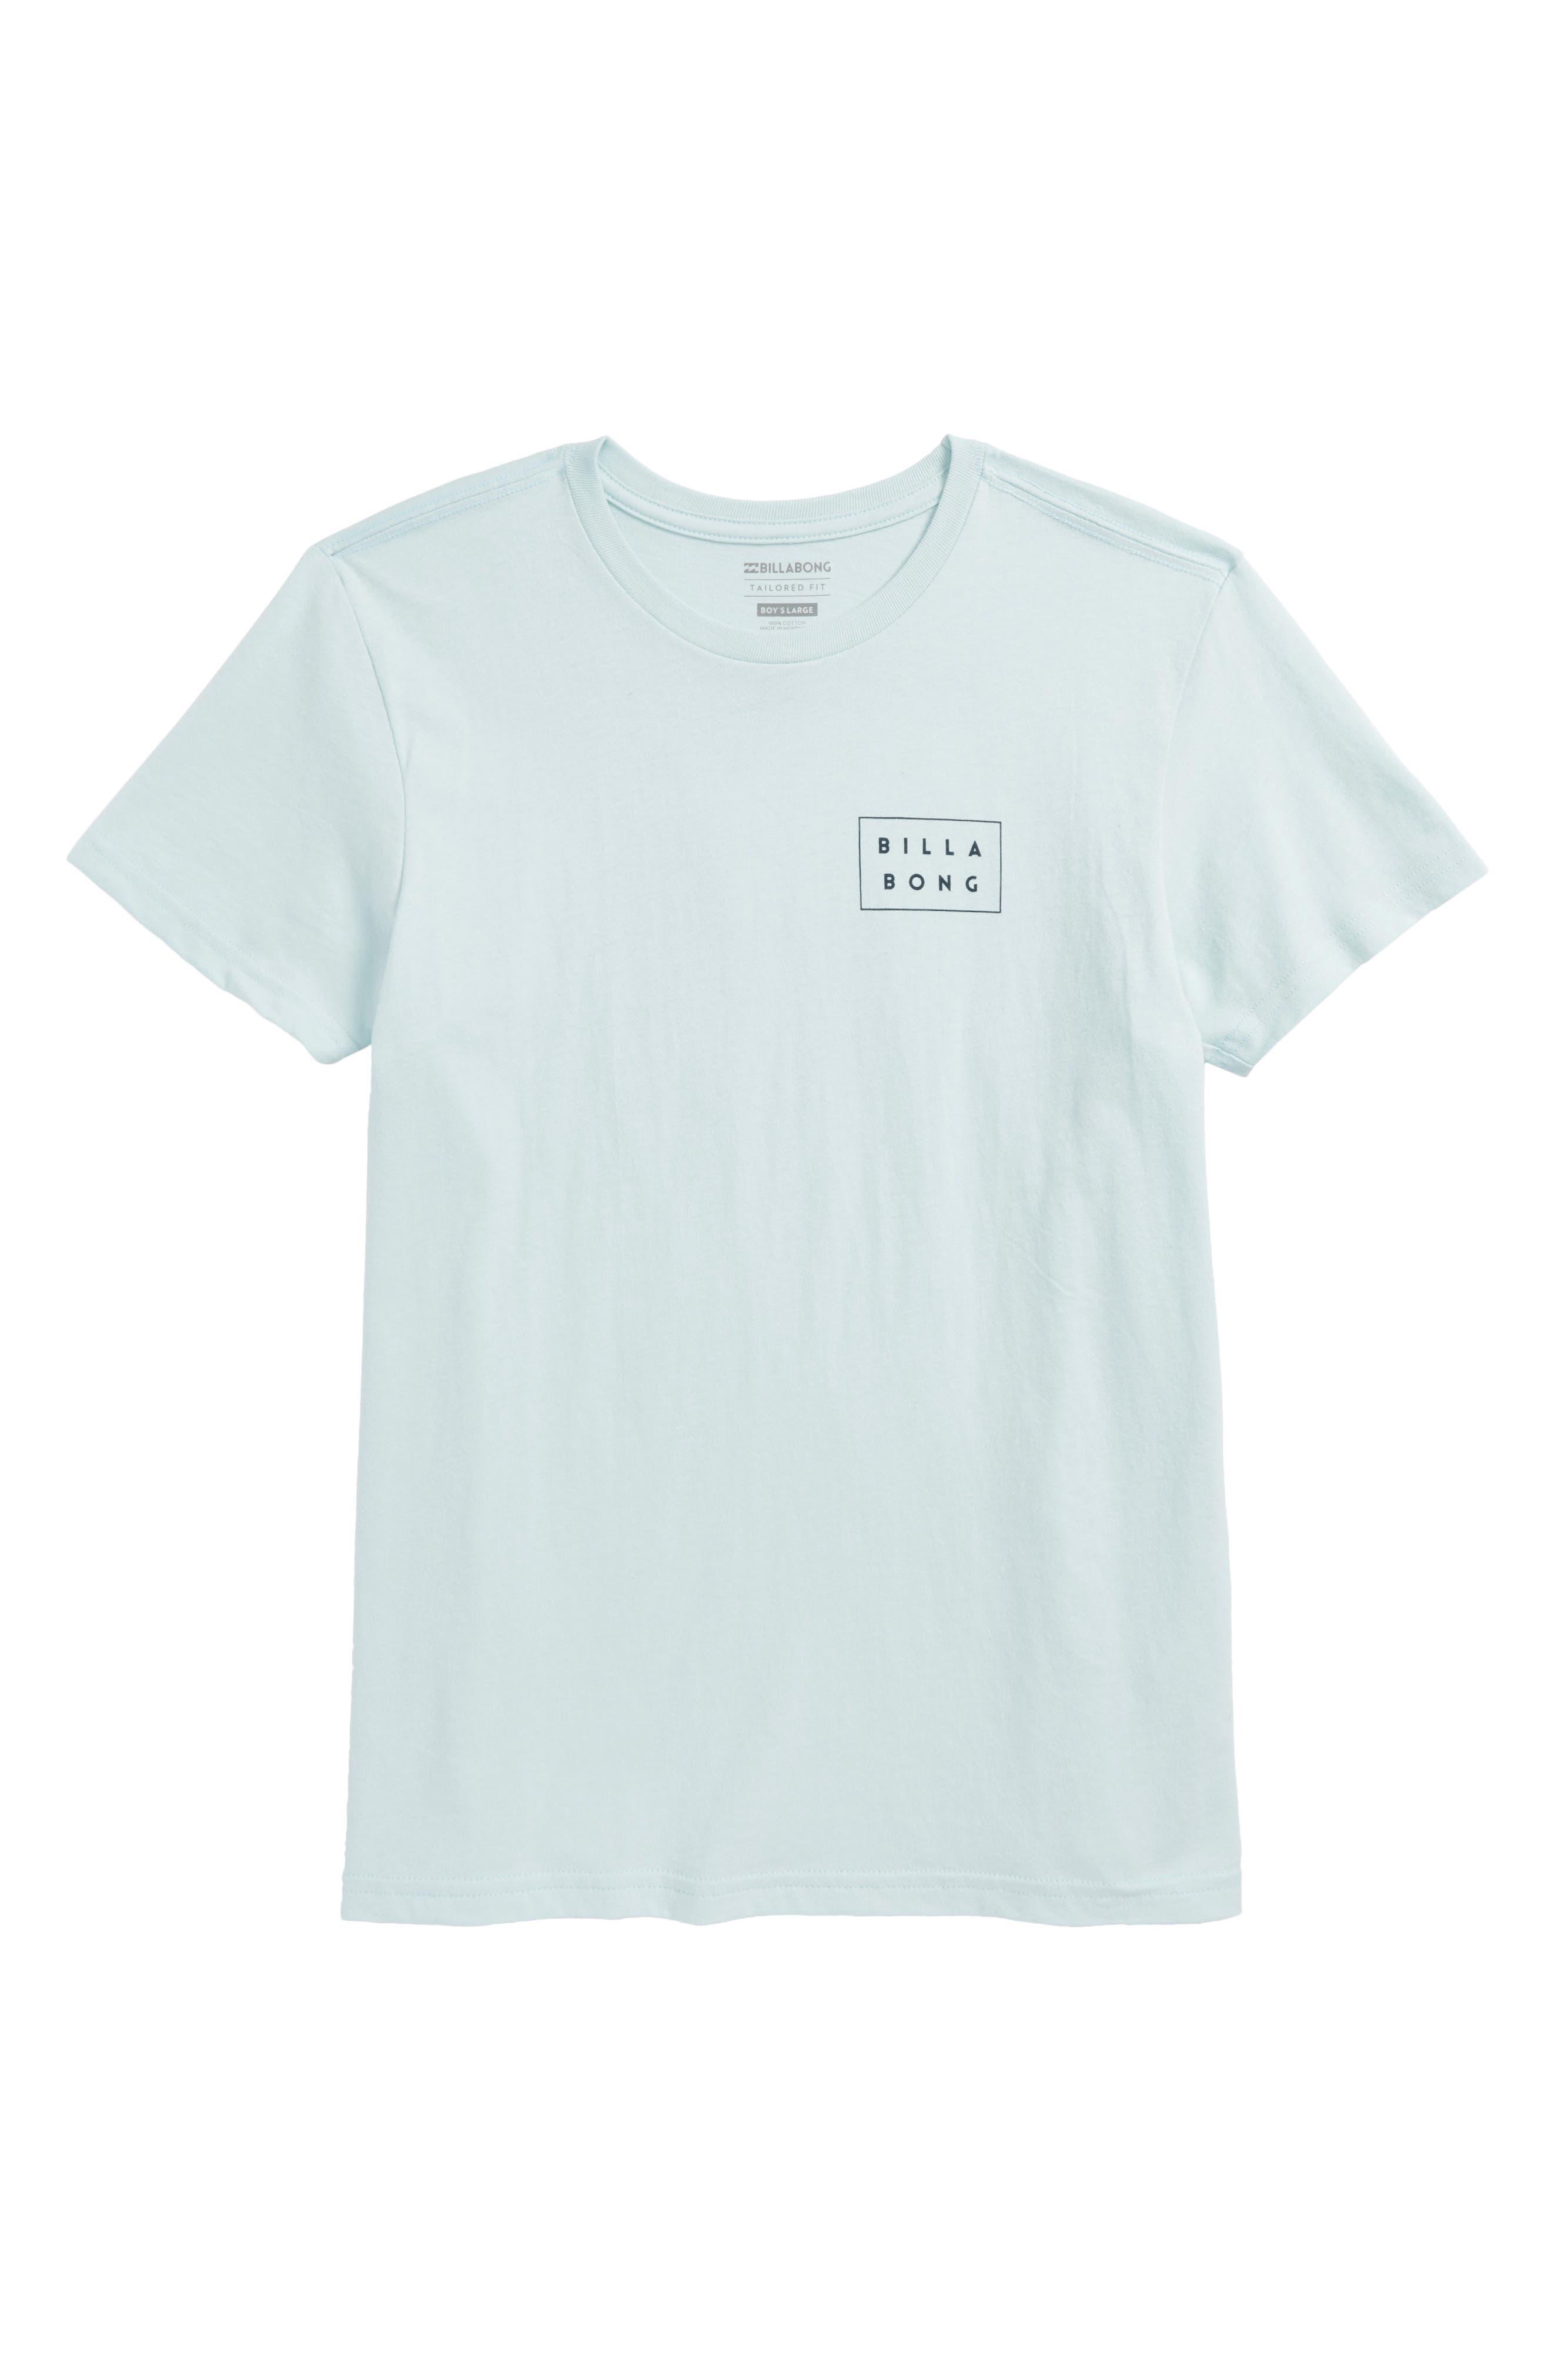 Die Cut T-Shirt,                             Main thumbnail 1, color,                             Coastal Blue